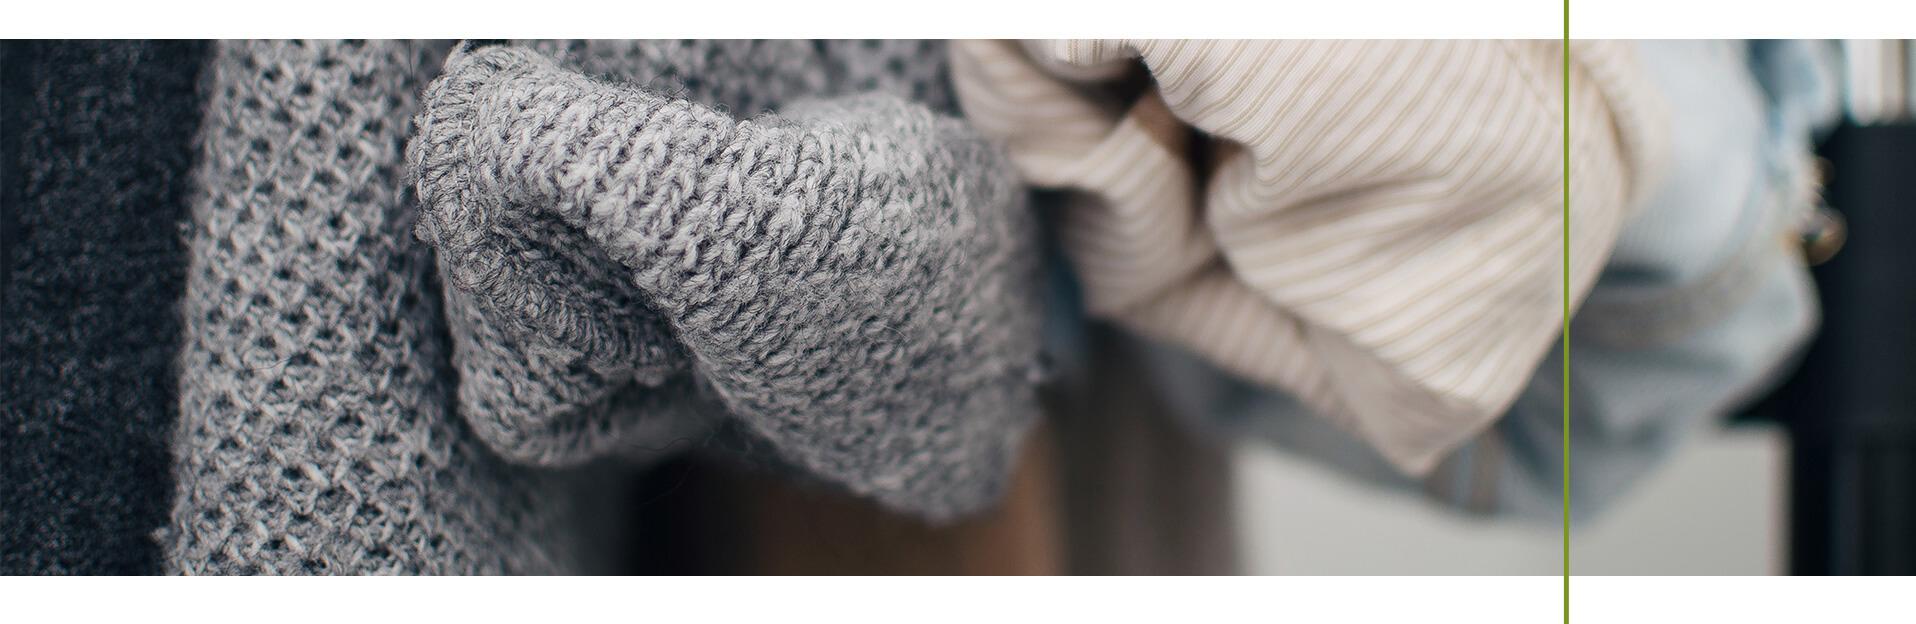 Kapsułowa garderoba, czyli jak kupować mniej ubrań